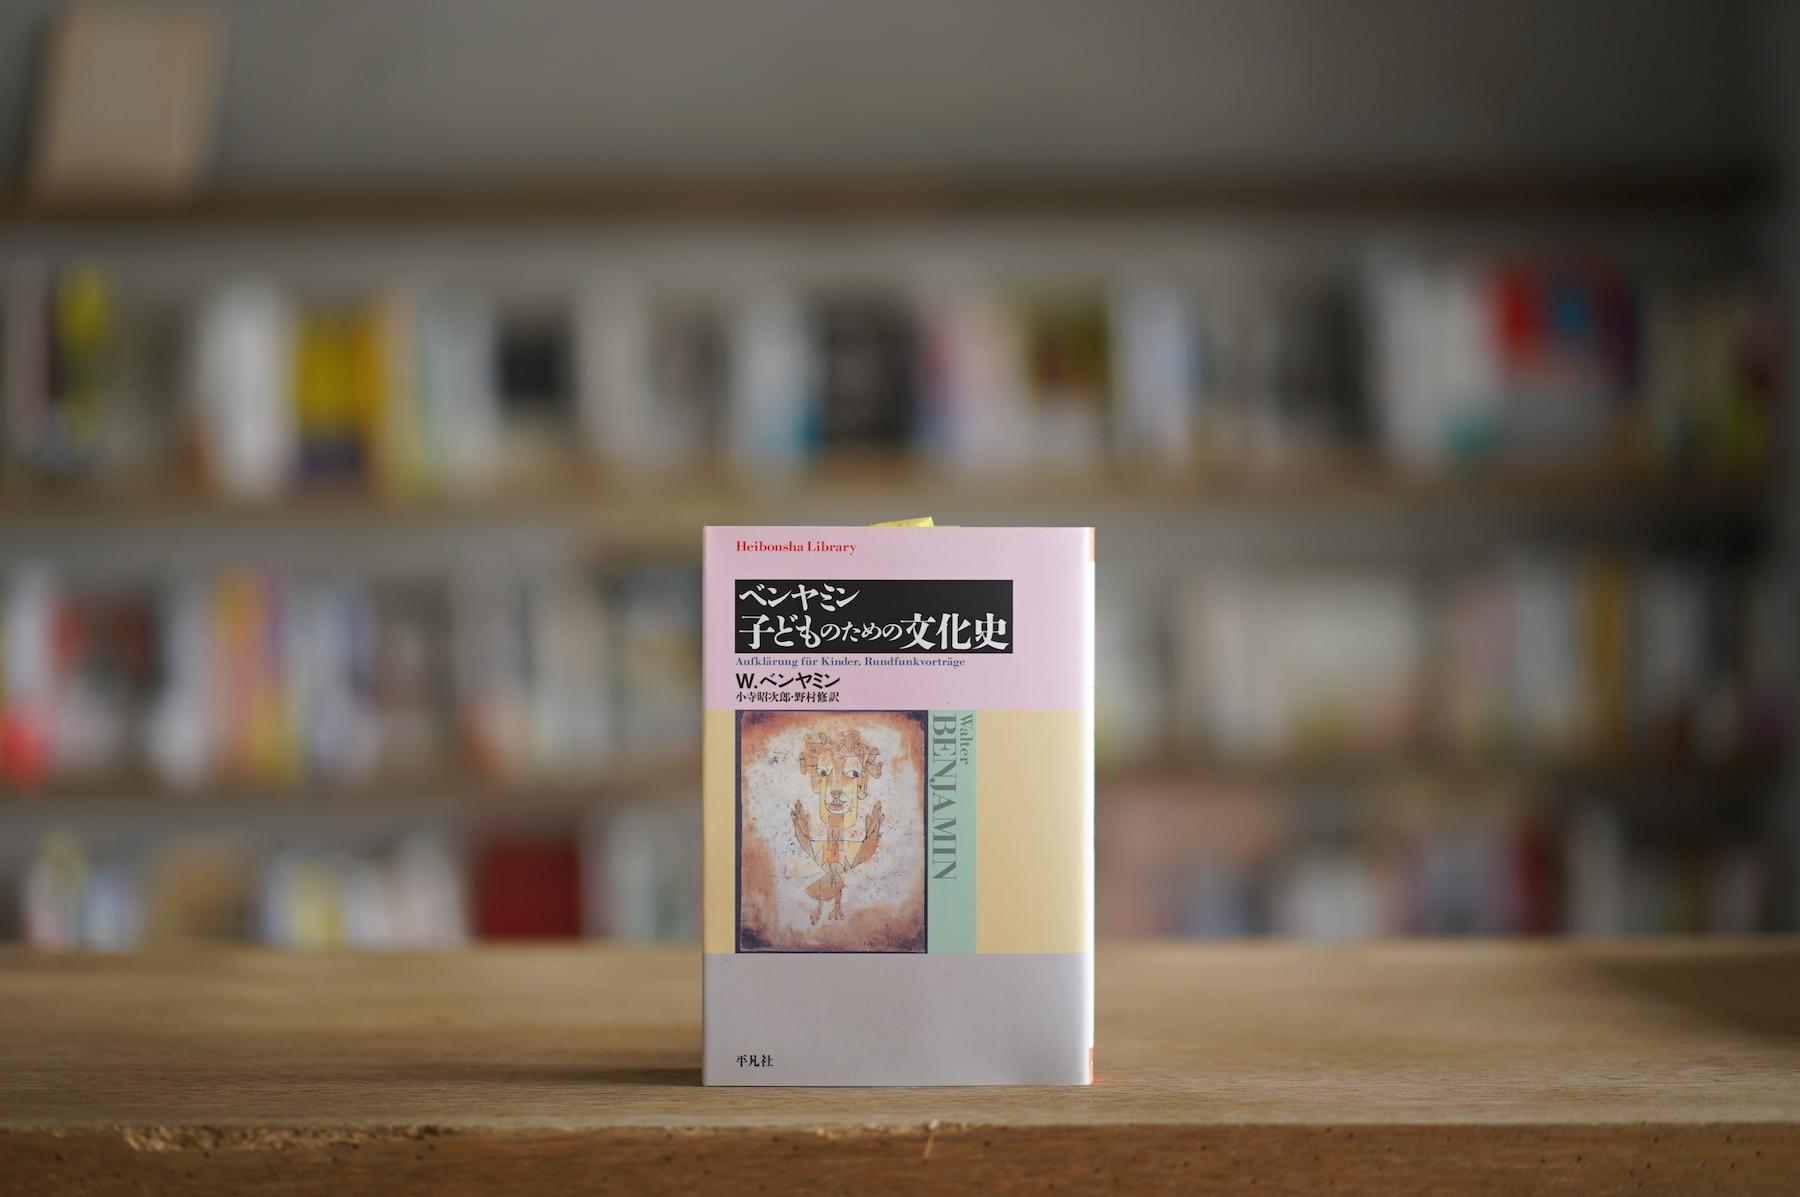 ヴァルター・ベンヤミン 訳:小寺照次郎、野村修 『ベンヤミン 子どものための文化史』 (平凡社、2008)